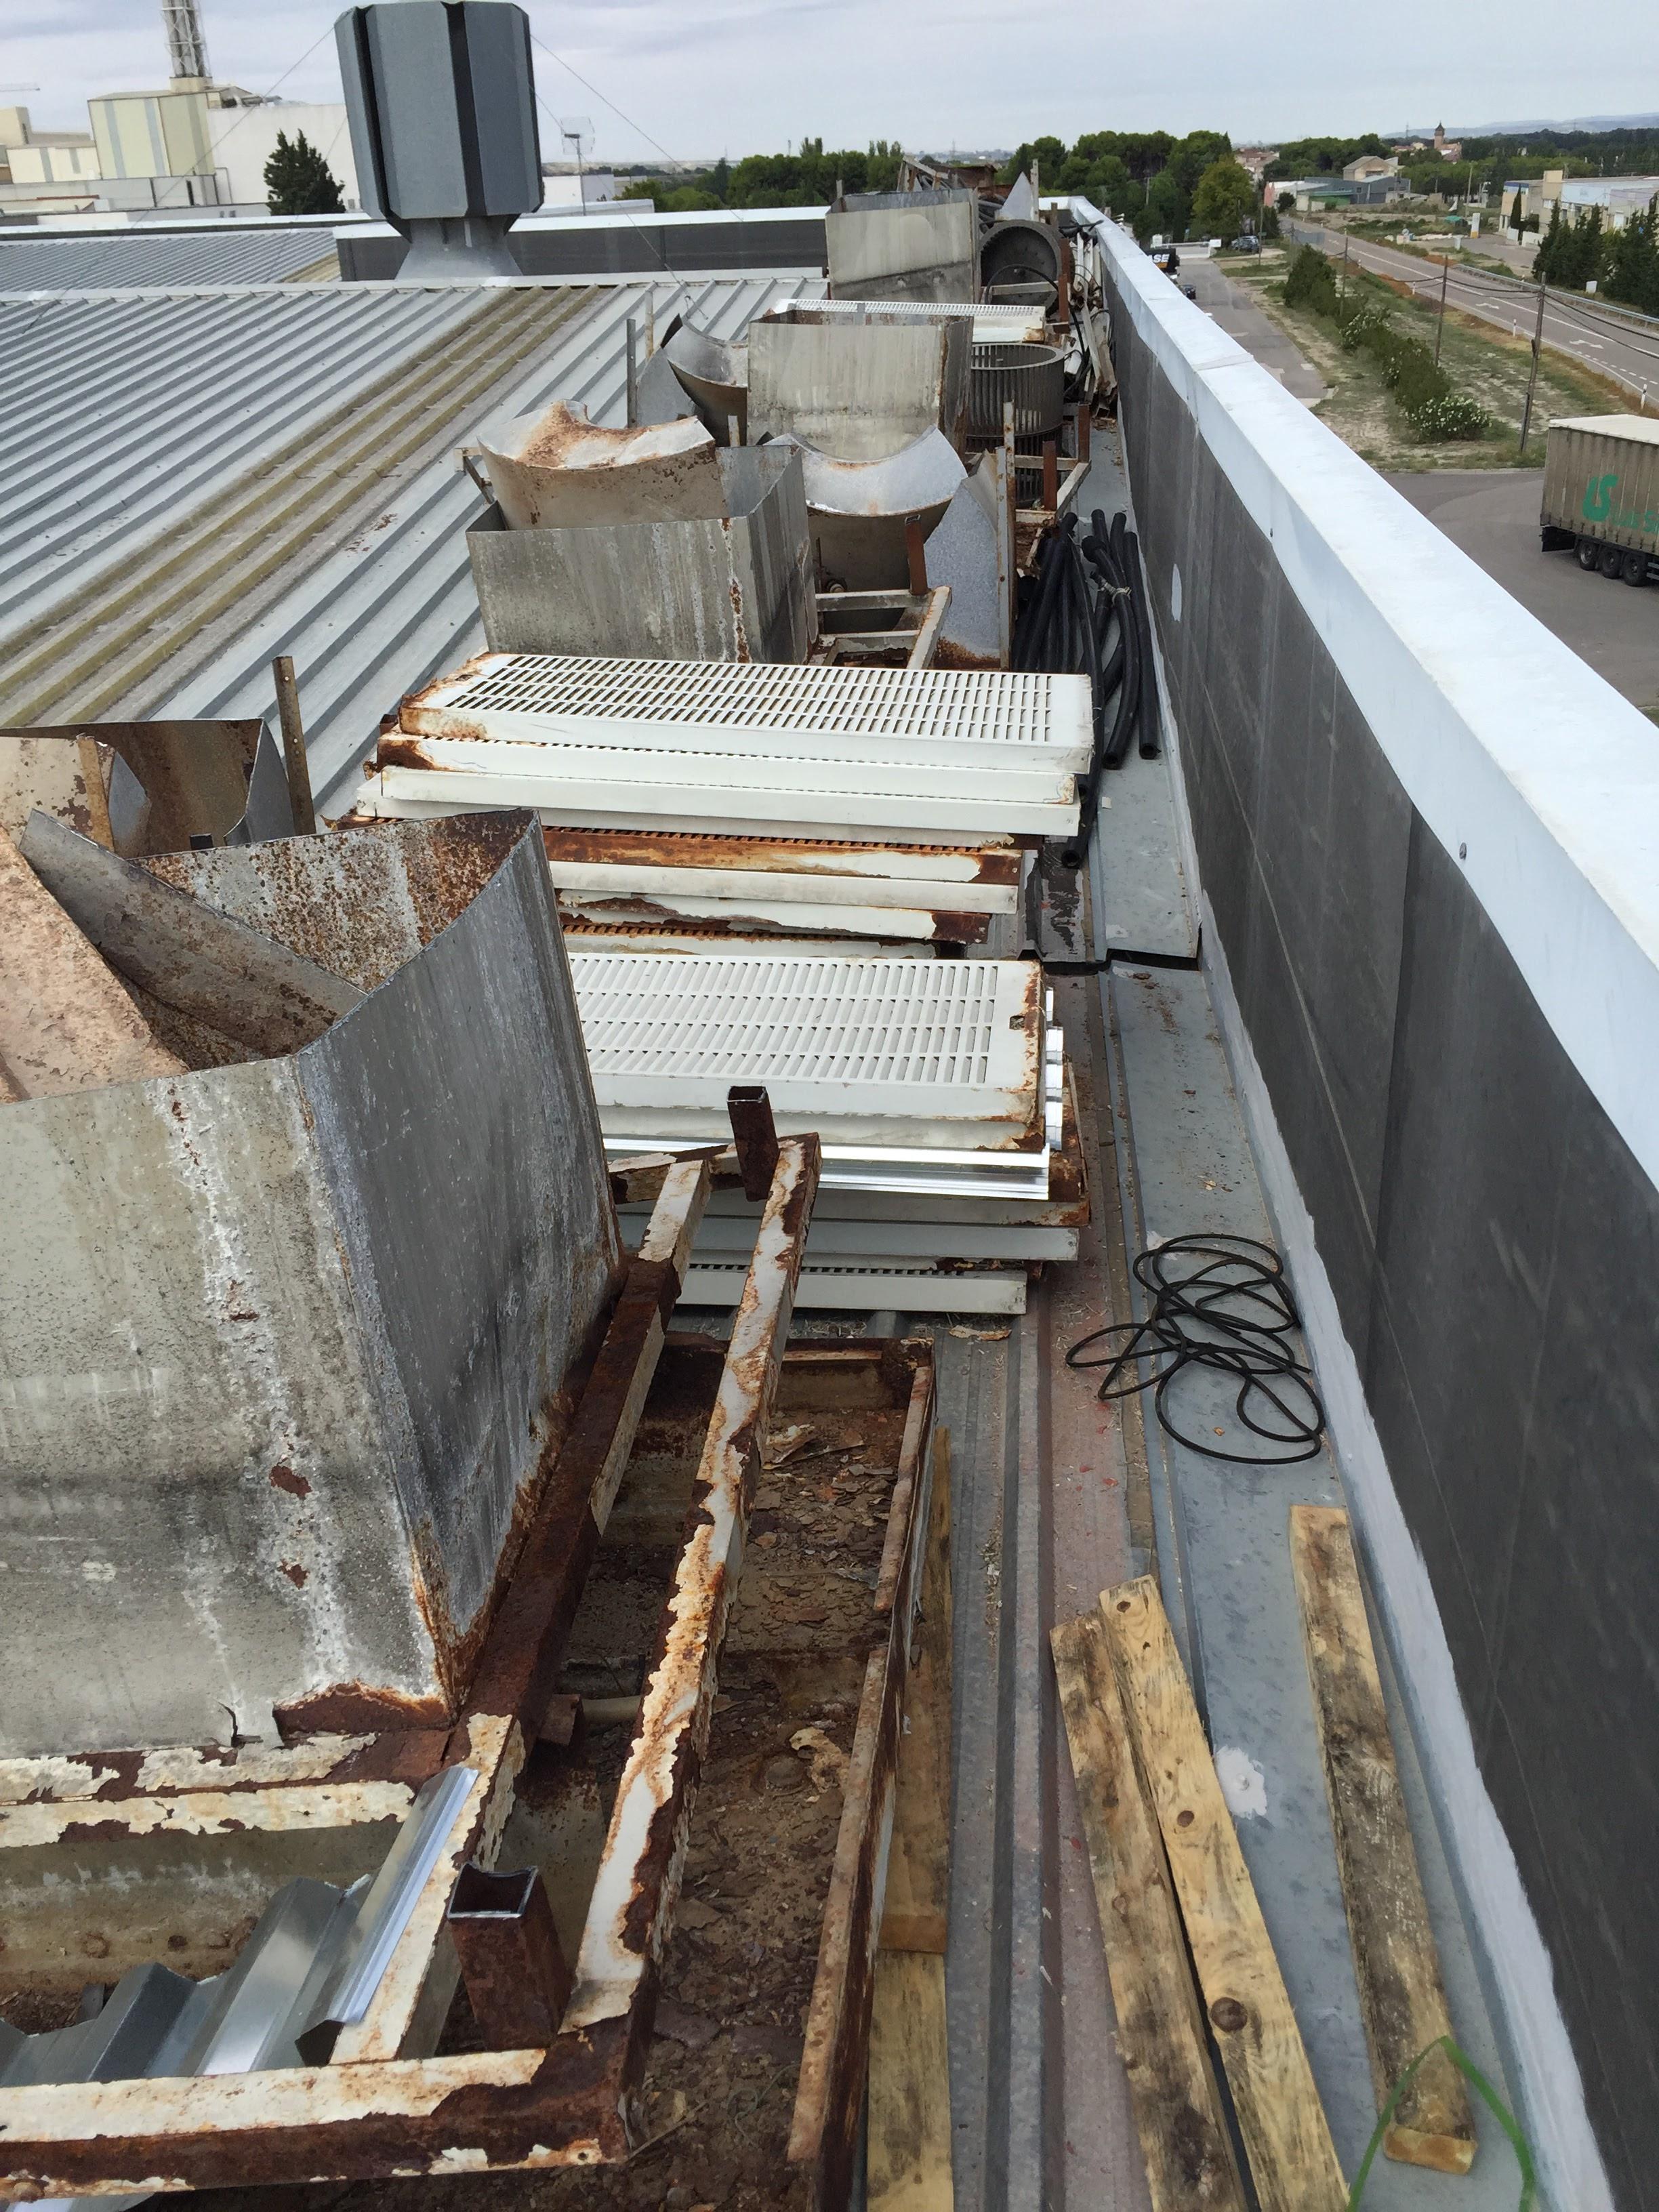 Desmontaje de botijos en cubierta por estar oxidados y en muy mal estado. Tupersa. El Burgo, Zaragoza